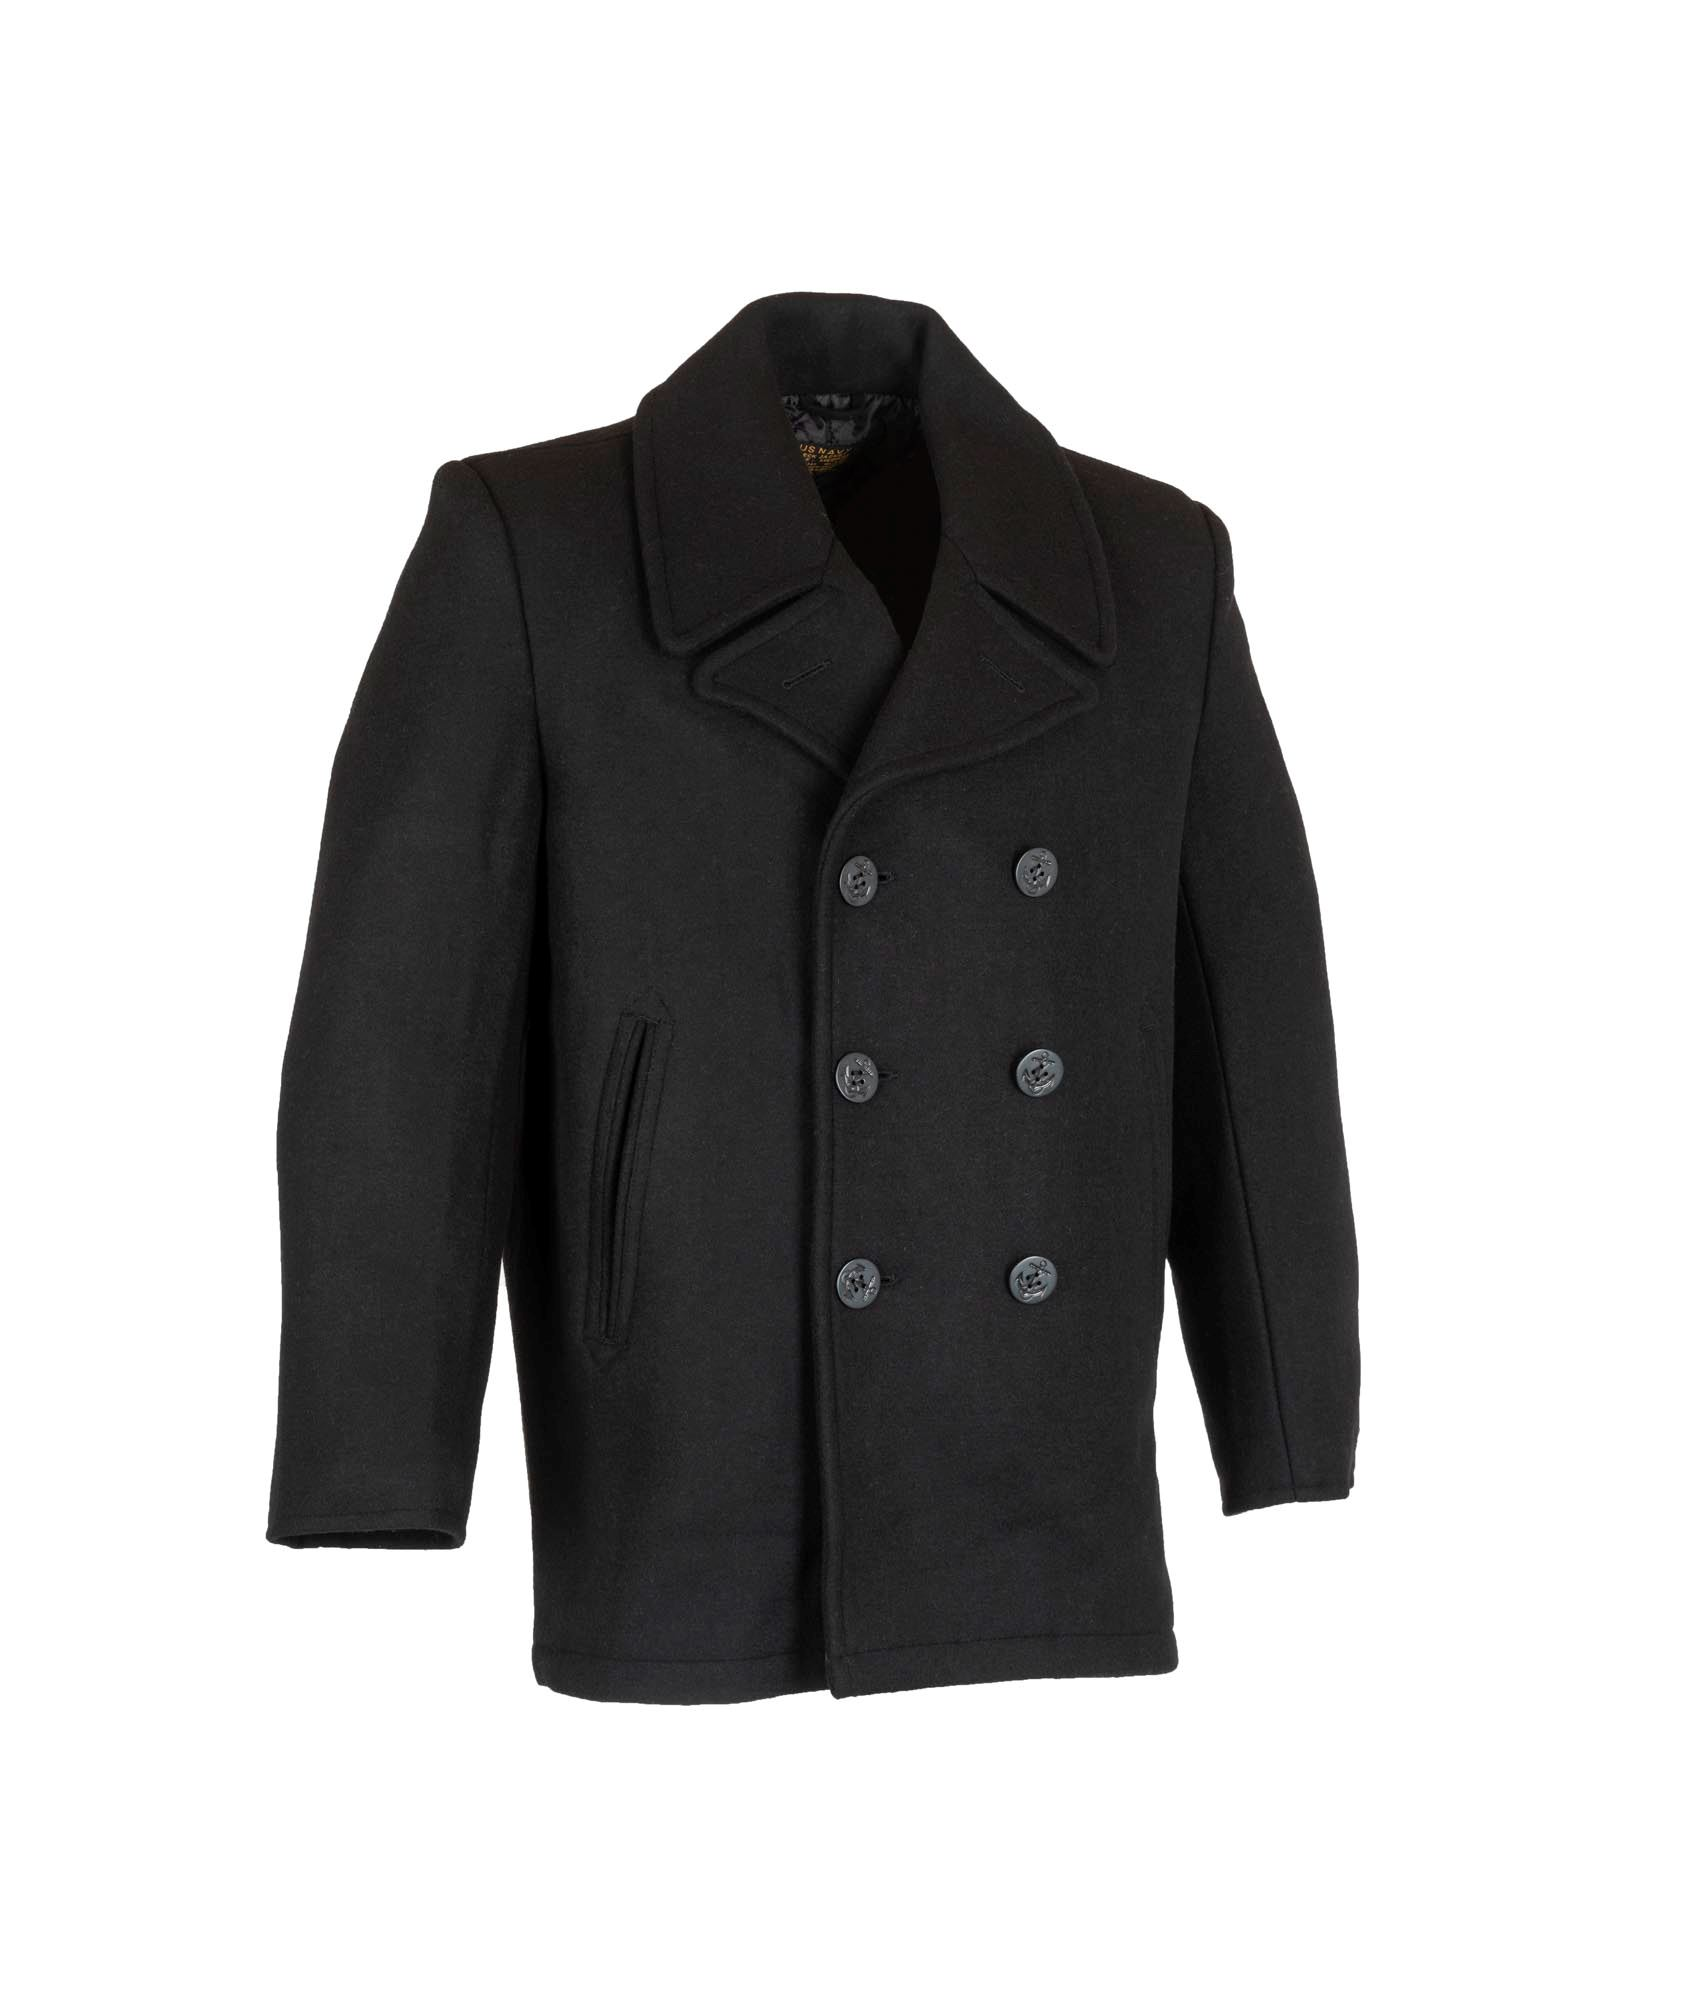 257a0c9ccaa Marine pjækkert i sort uld. Køb pjækkerter hos 417.dk